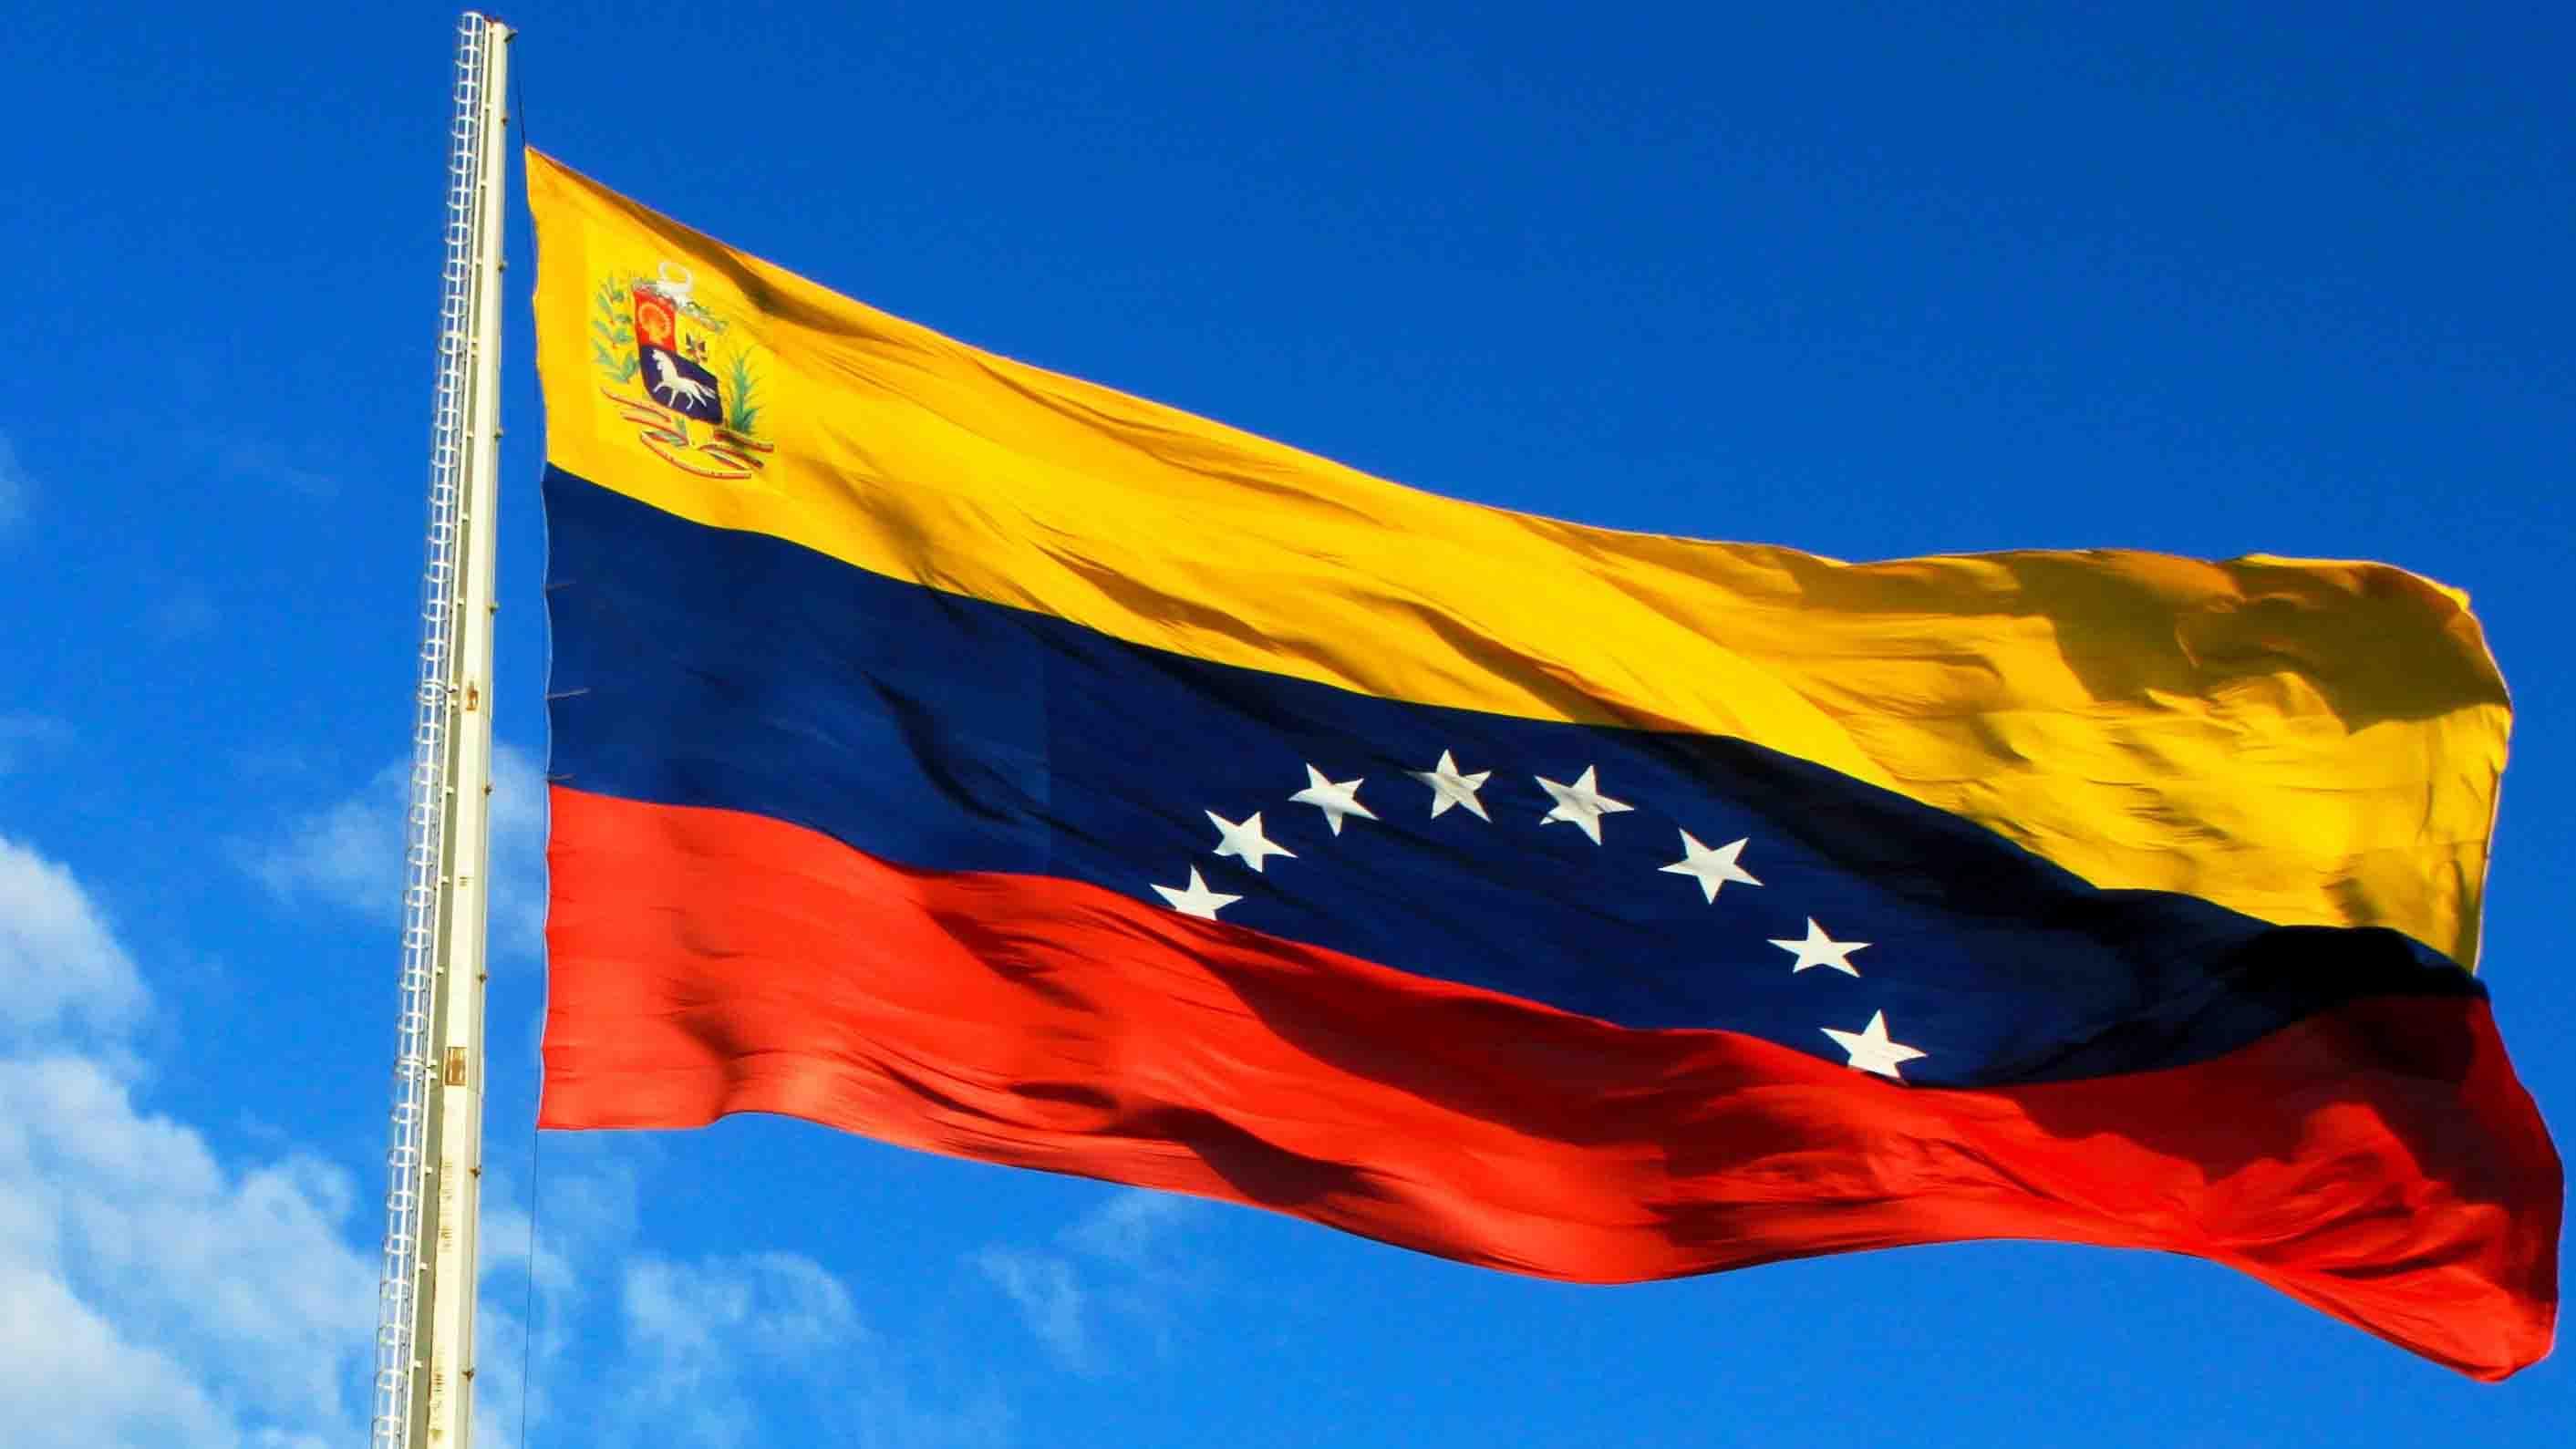 El presidente de Colombia, Iván Duque, anunció que su gobierno cortará las relaciones diplomáticas con el país caribeño a partir de enero